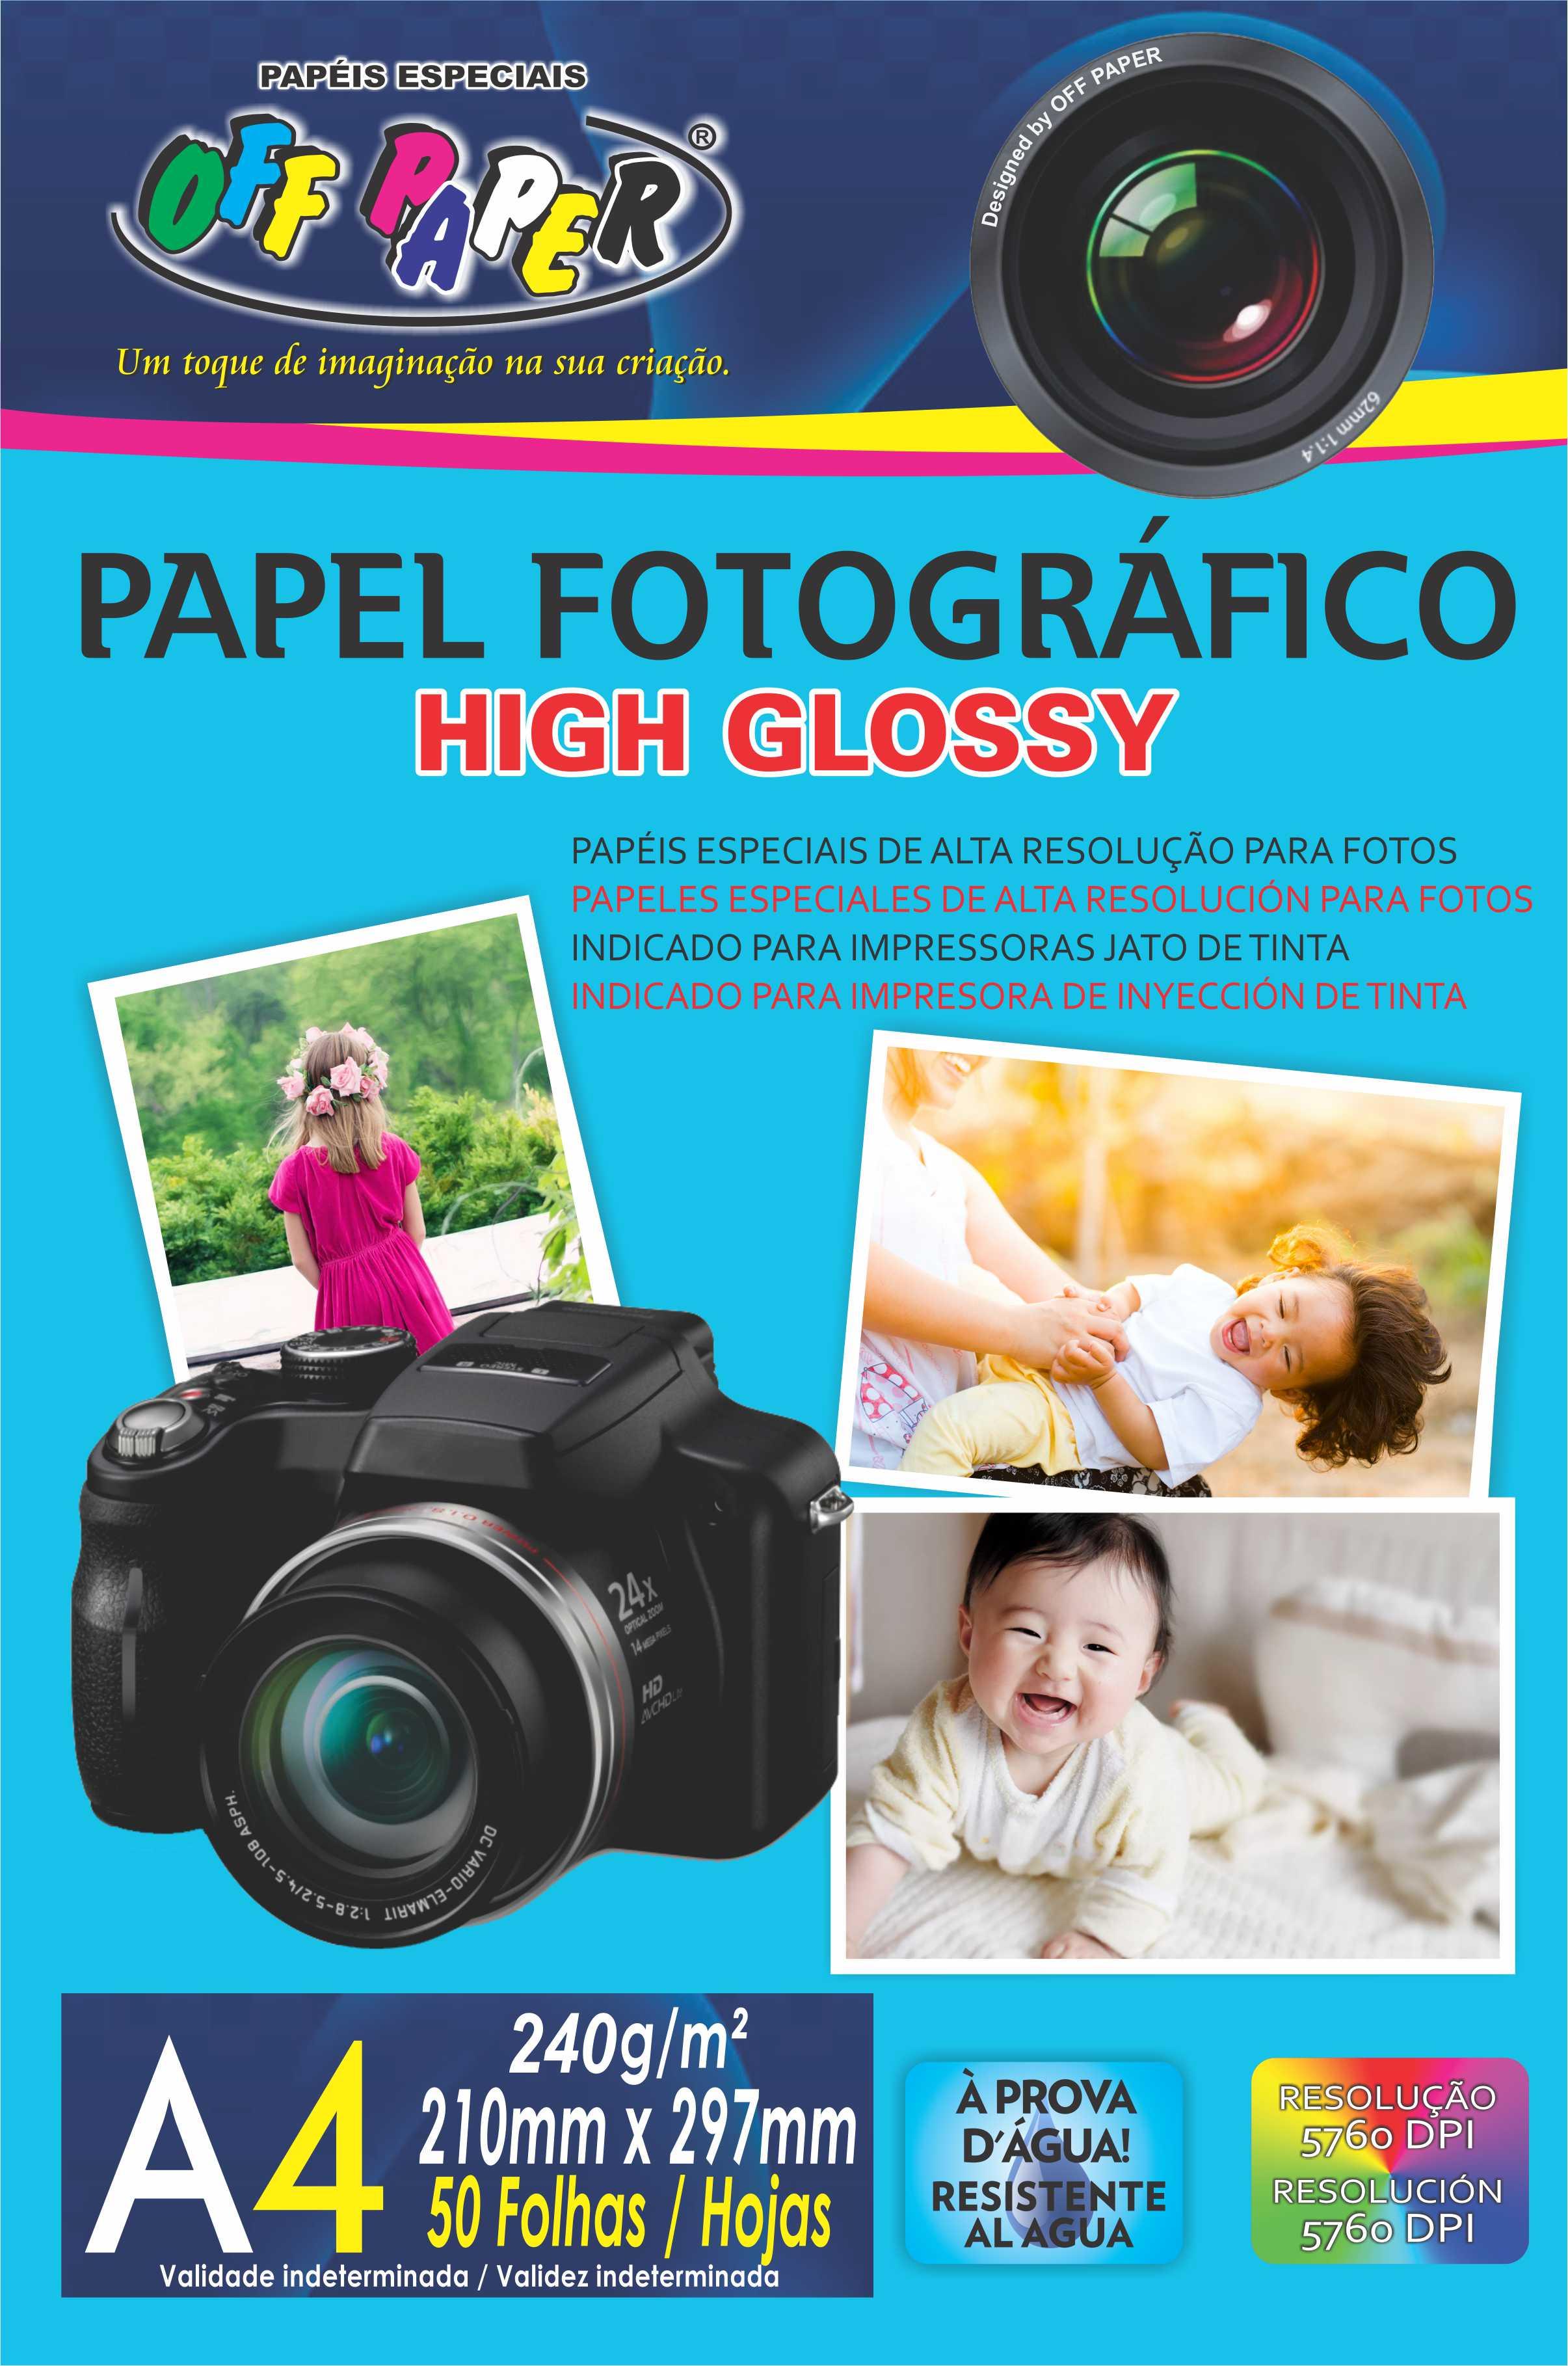 Papel Fotográfico High Glossy 240g- A4 com 50 Folhas